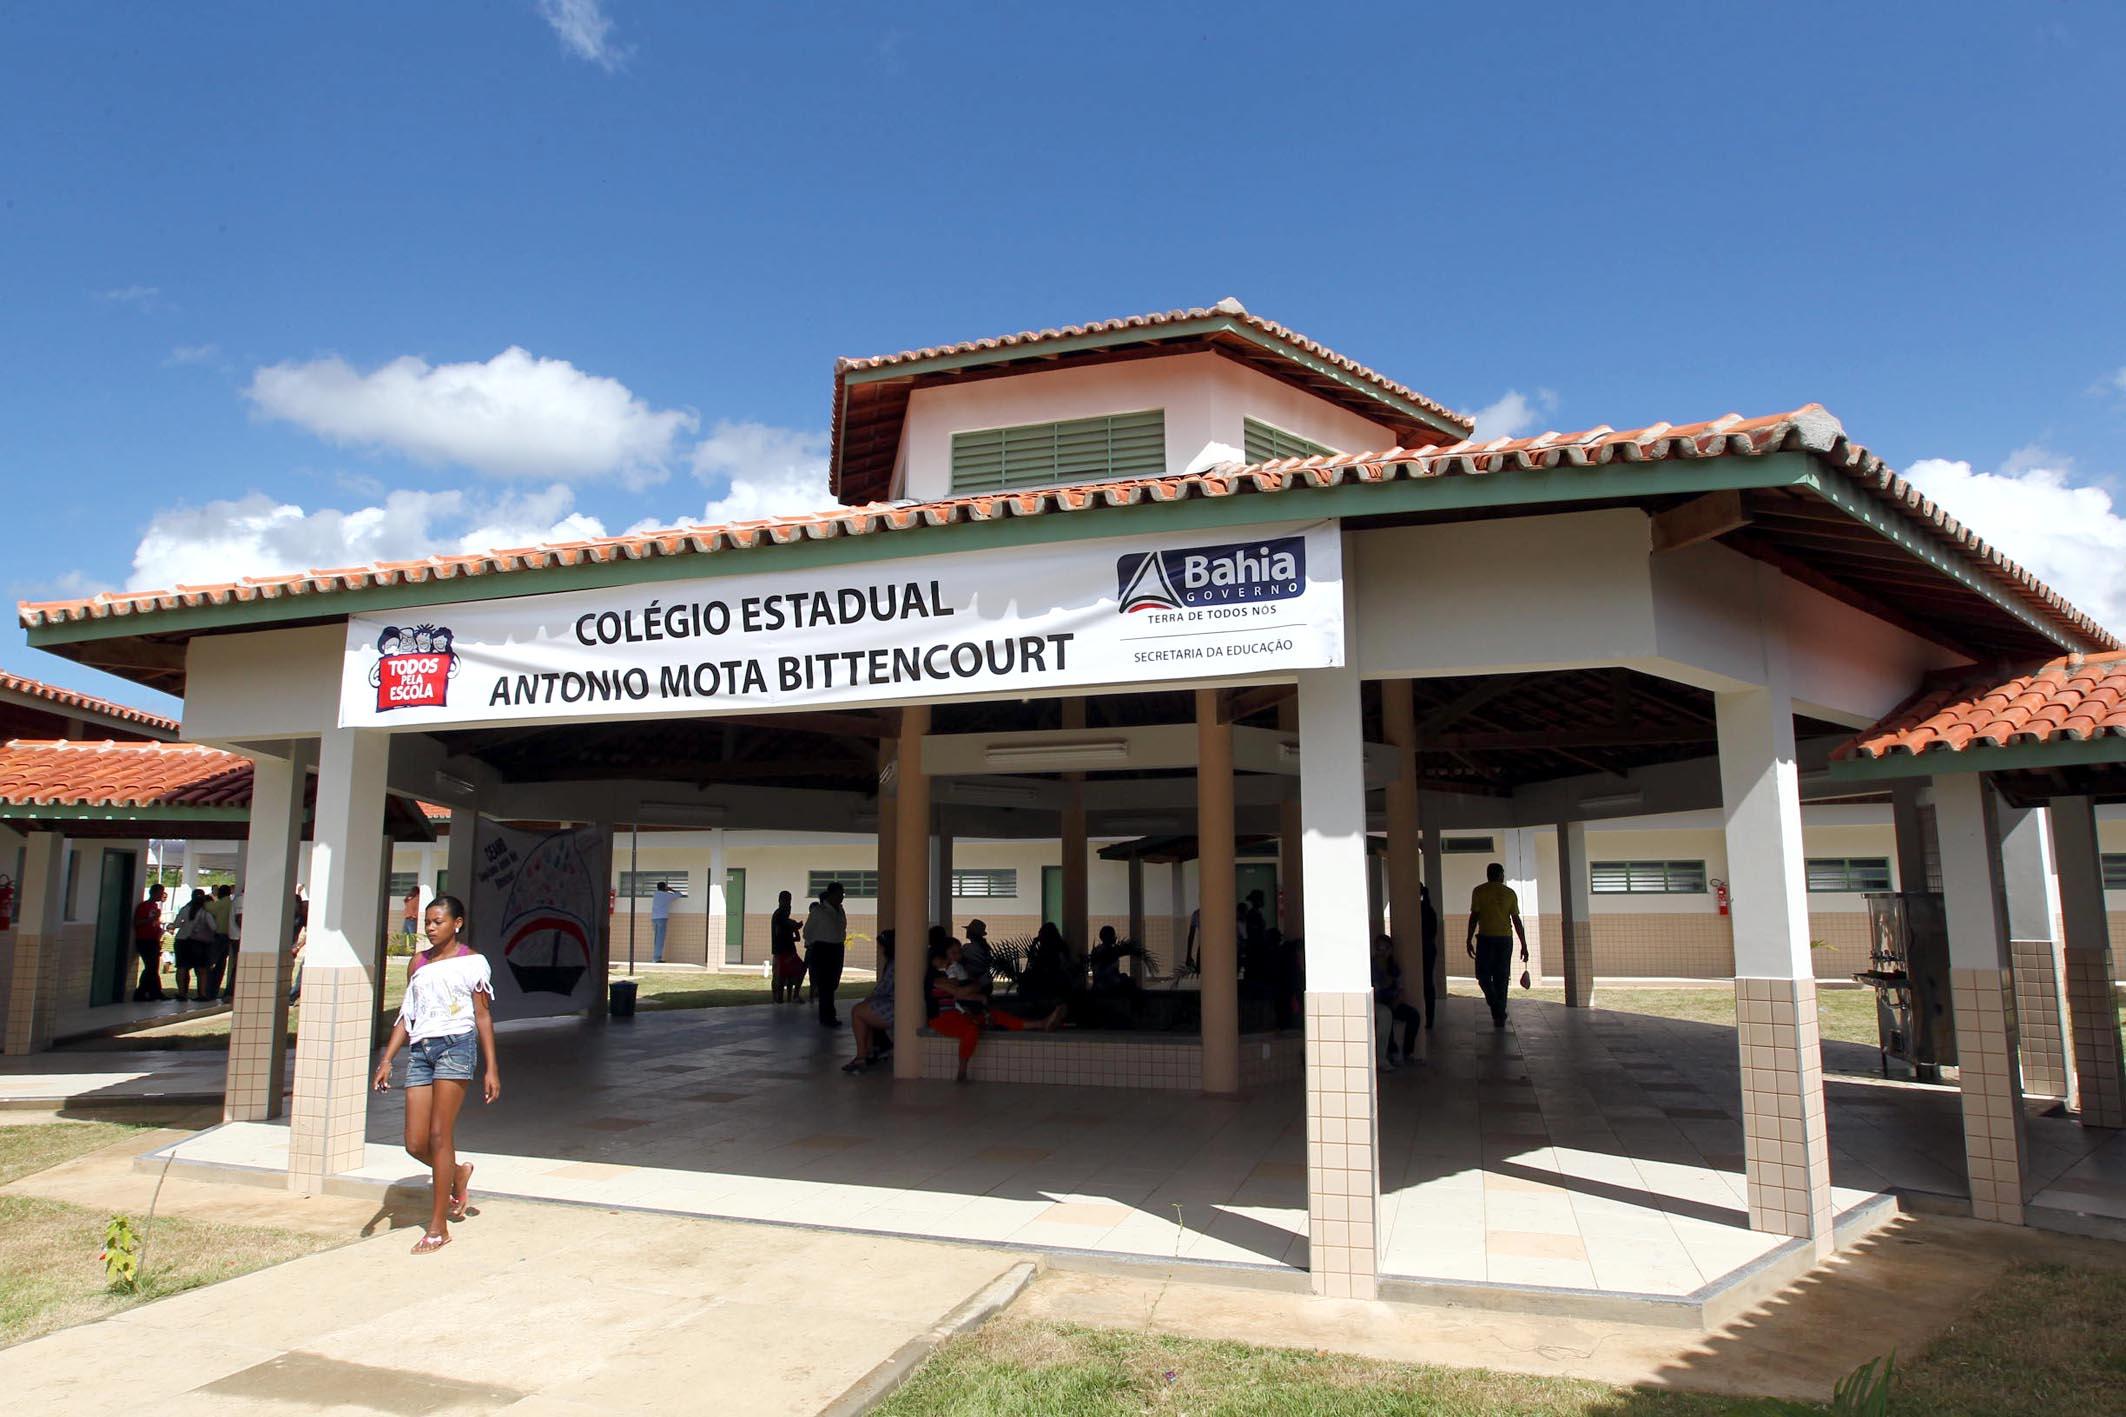 Barra do Rocha Bahia fonte: upload.wikimedia.org